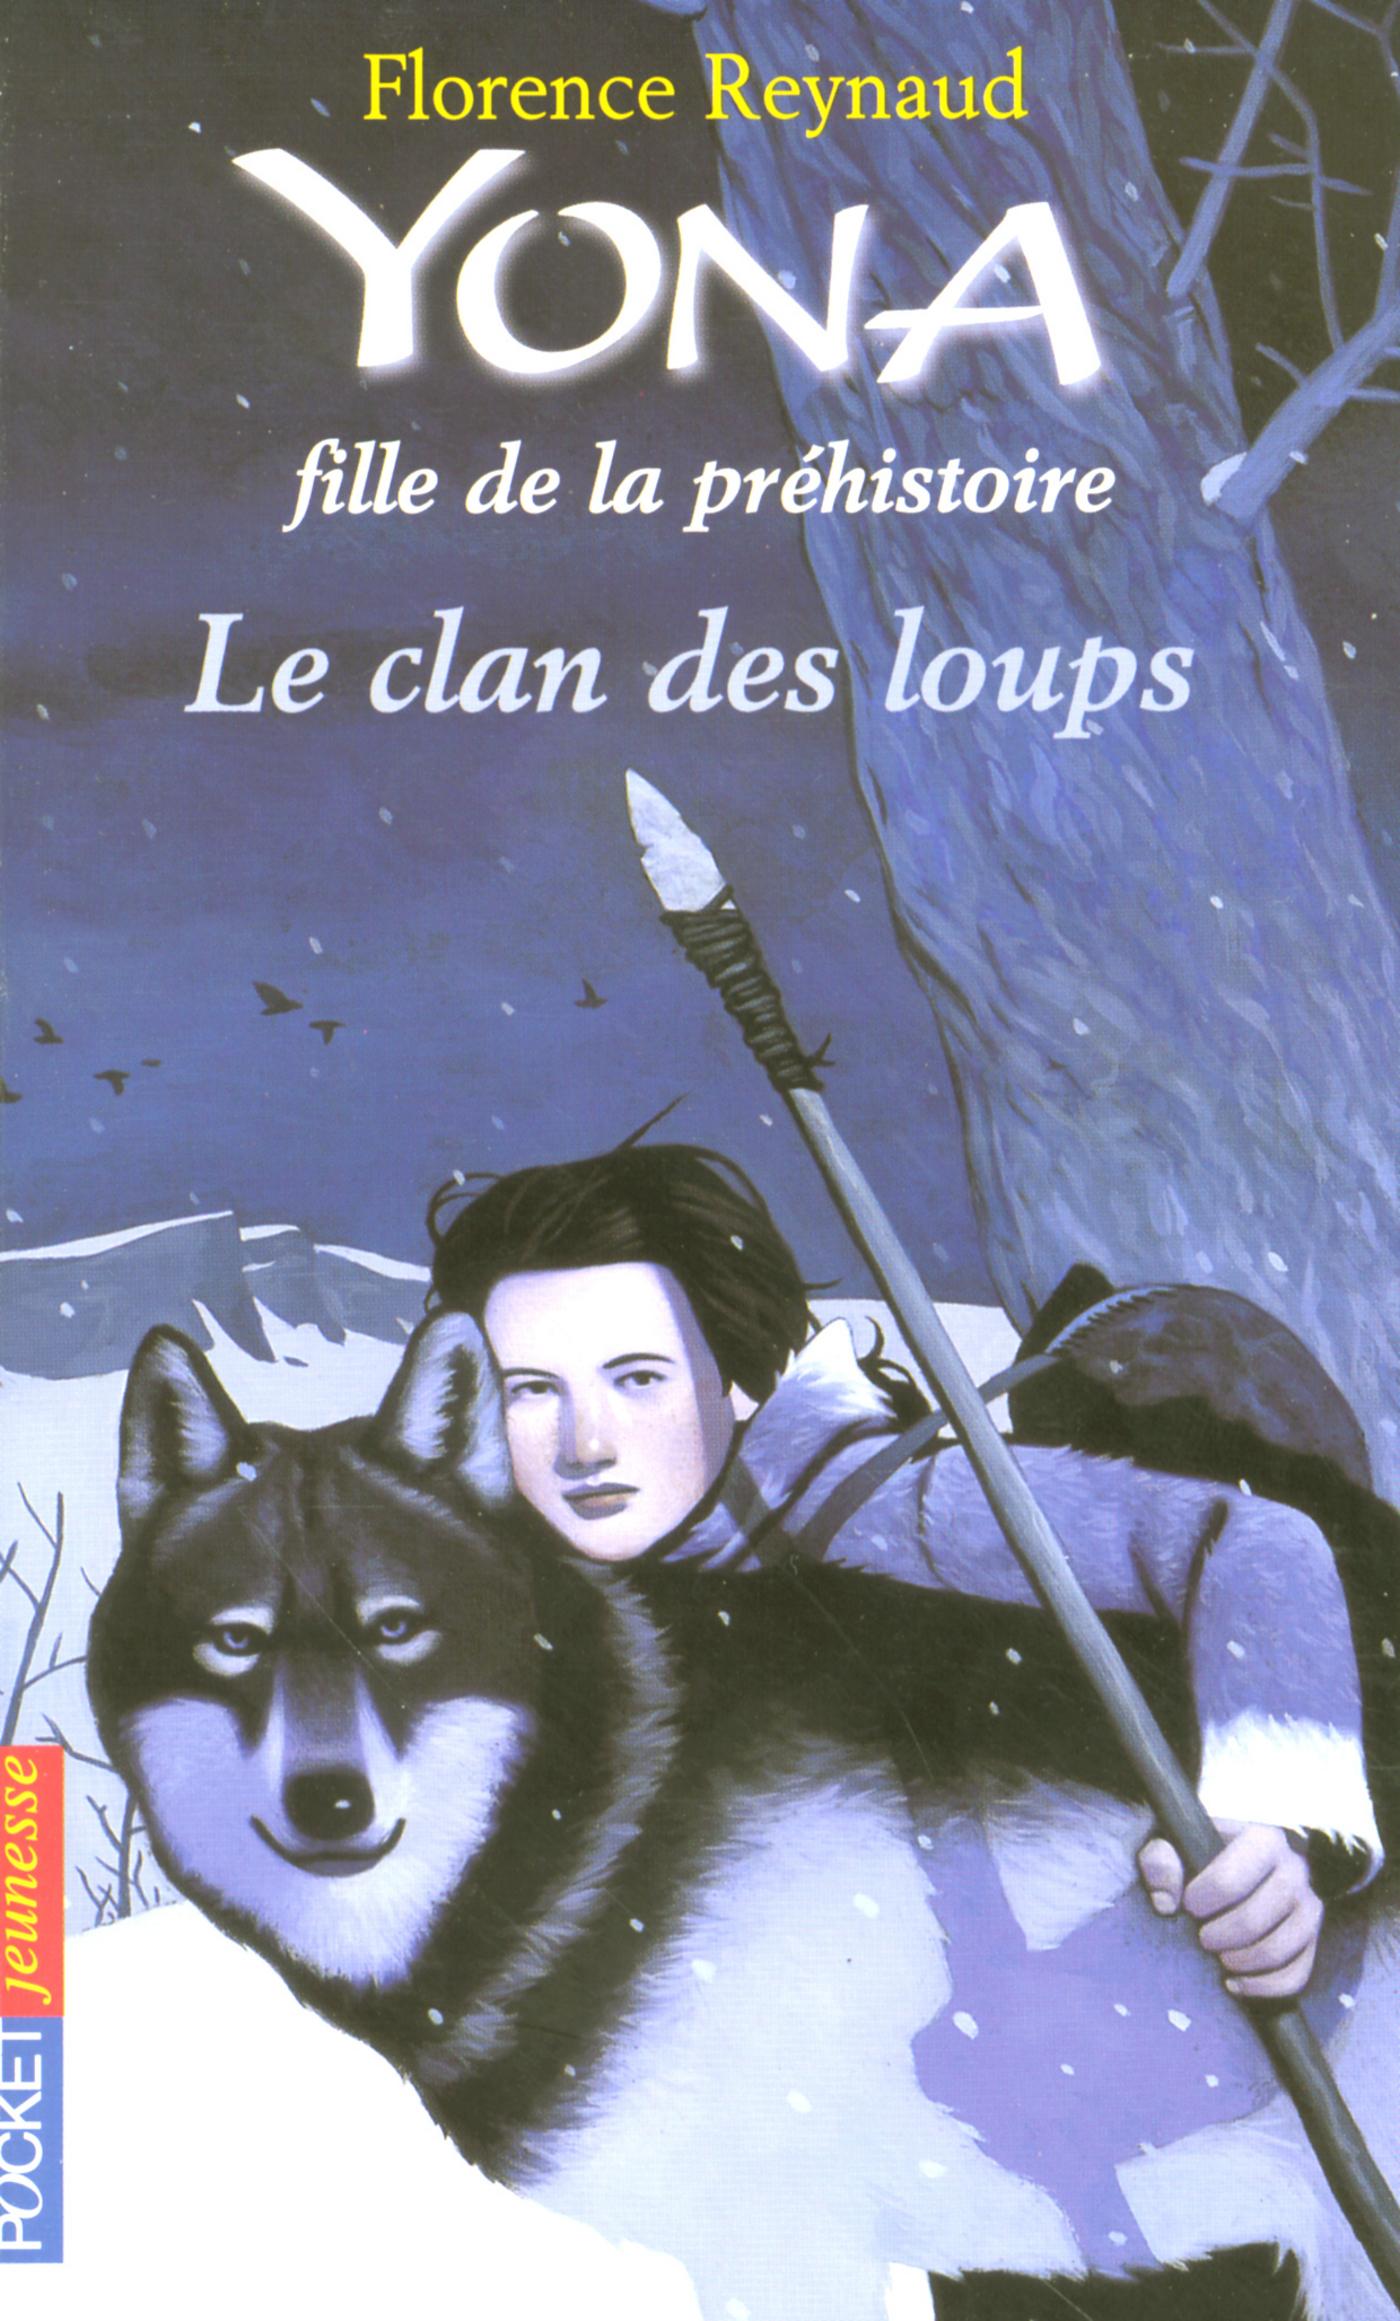 Yona fille de la préhistoire tome 1 (ebook)